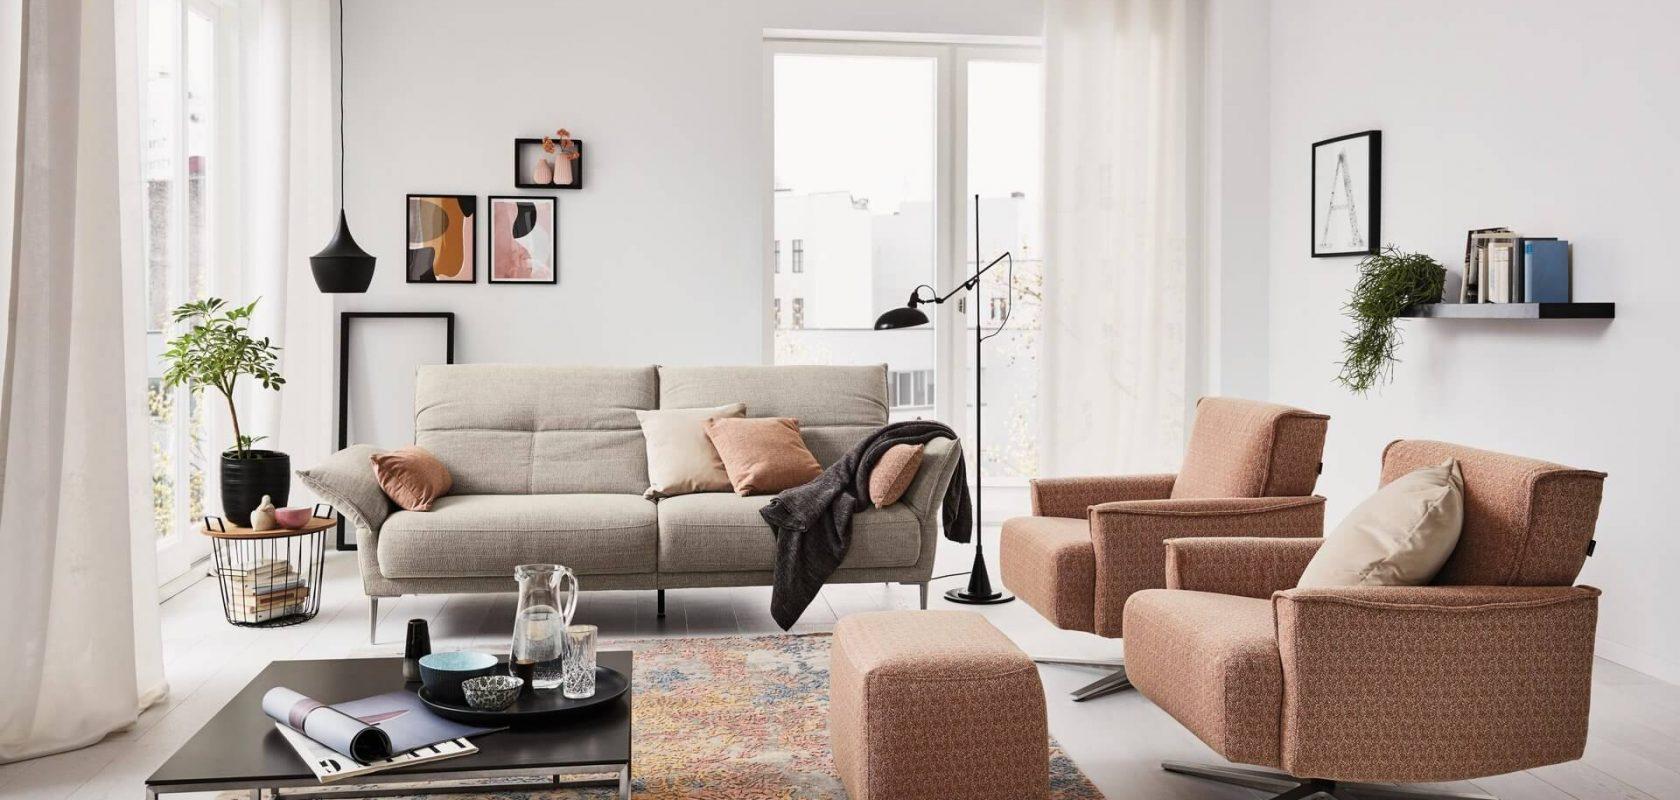 mr9300 wohnen wohnmöbel sofa sessel kombinieren wohncenter greifswald-min